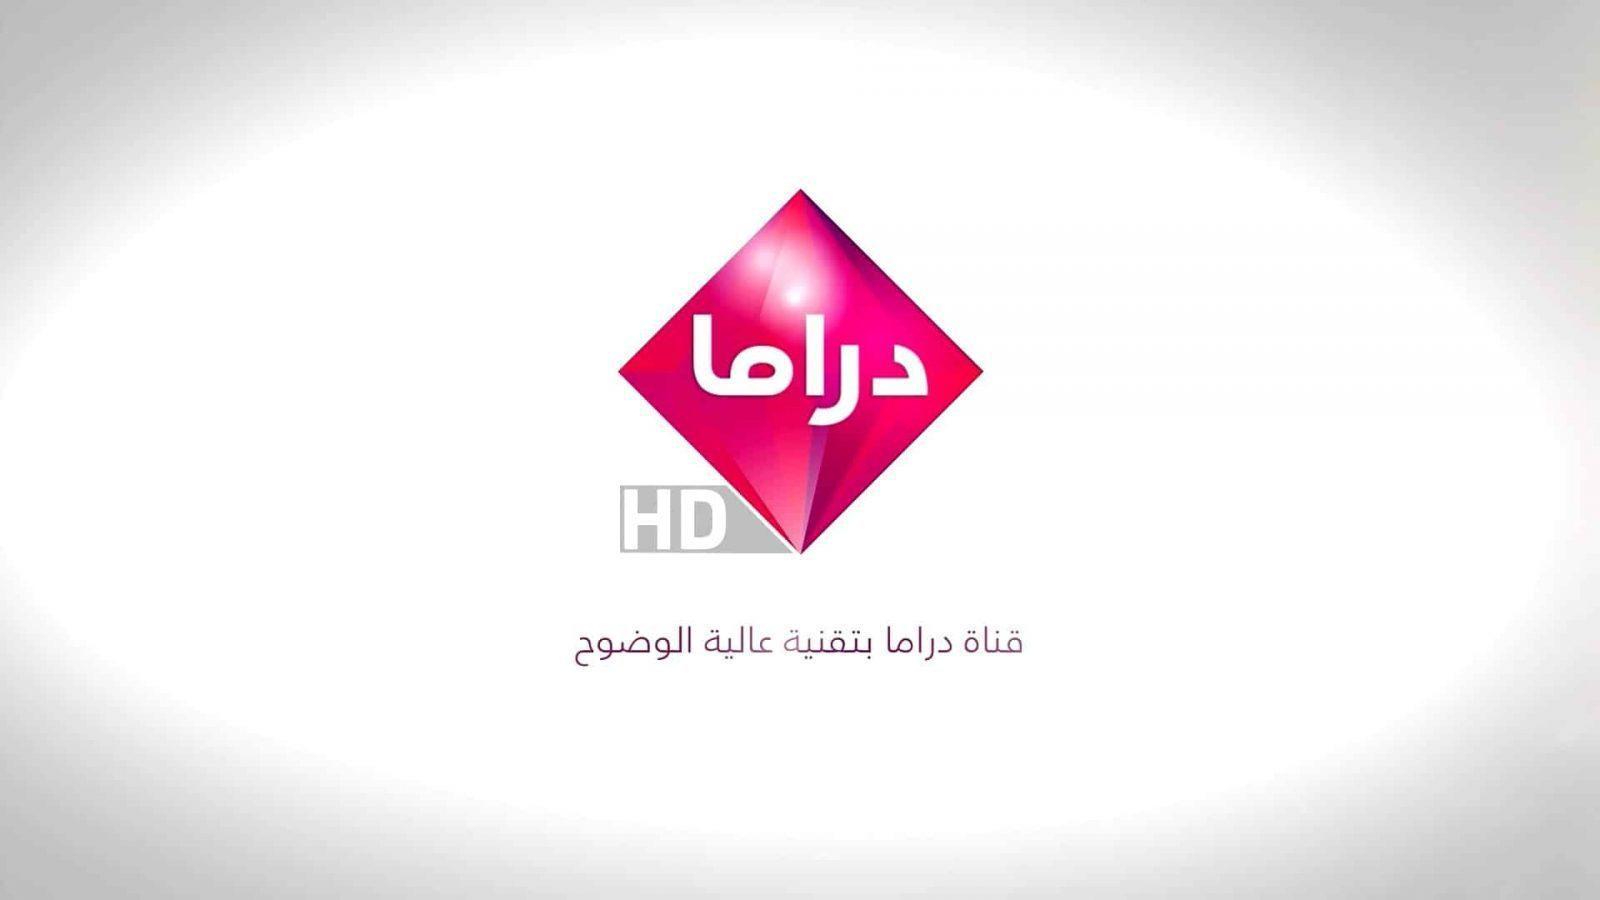 تردد قناة ابو ظبي